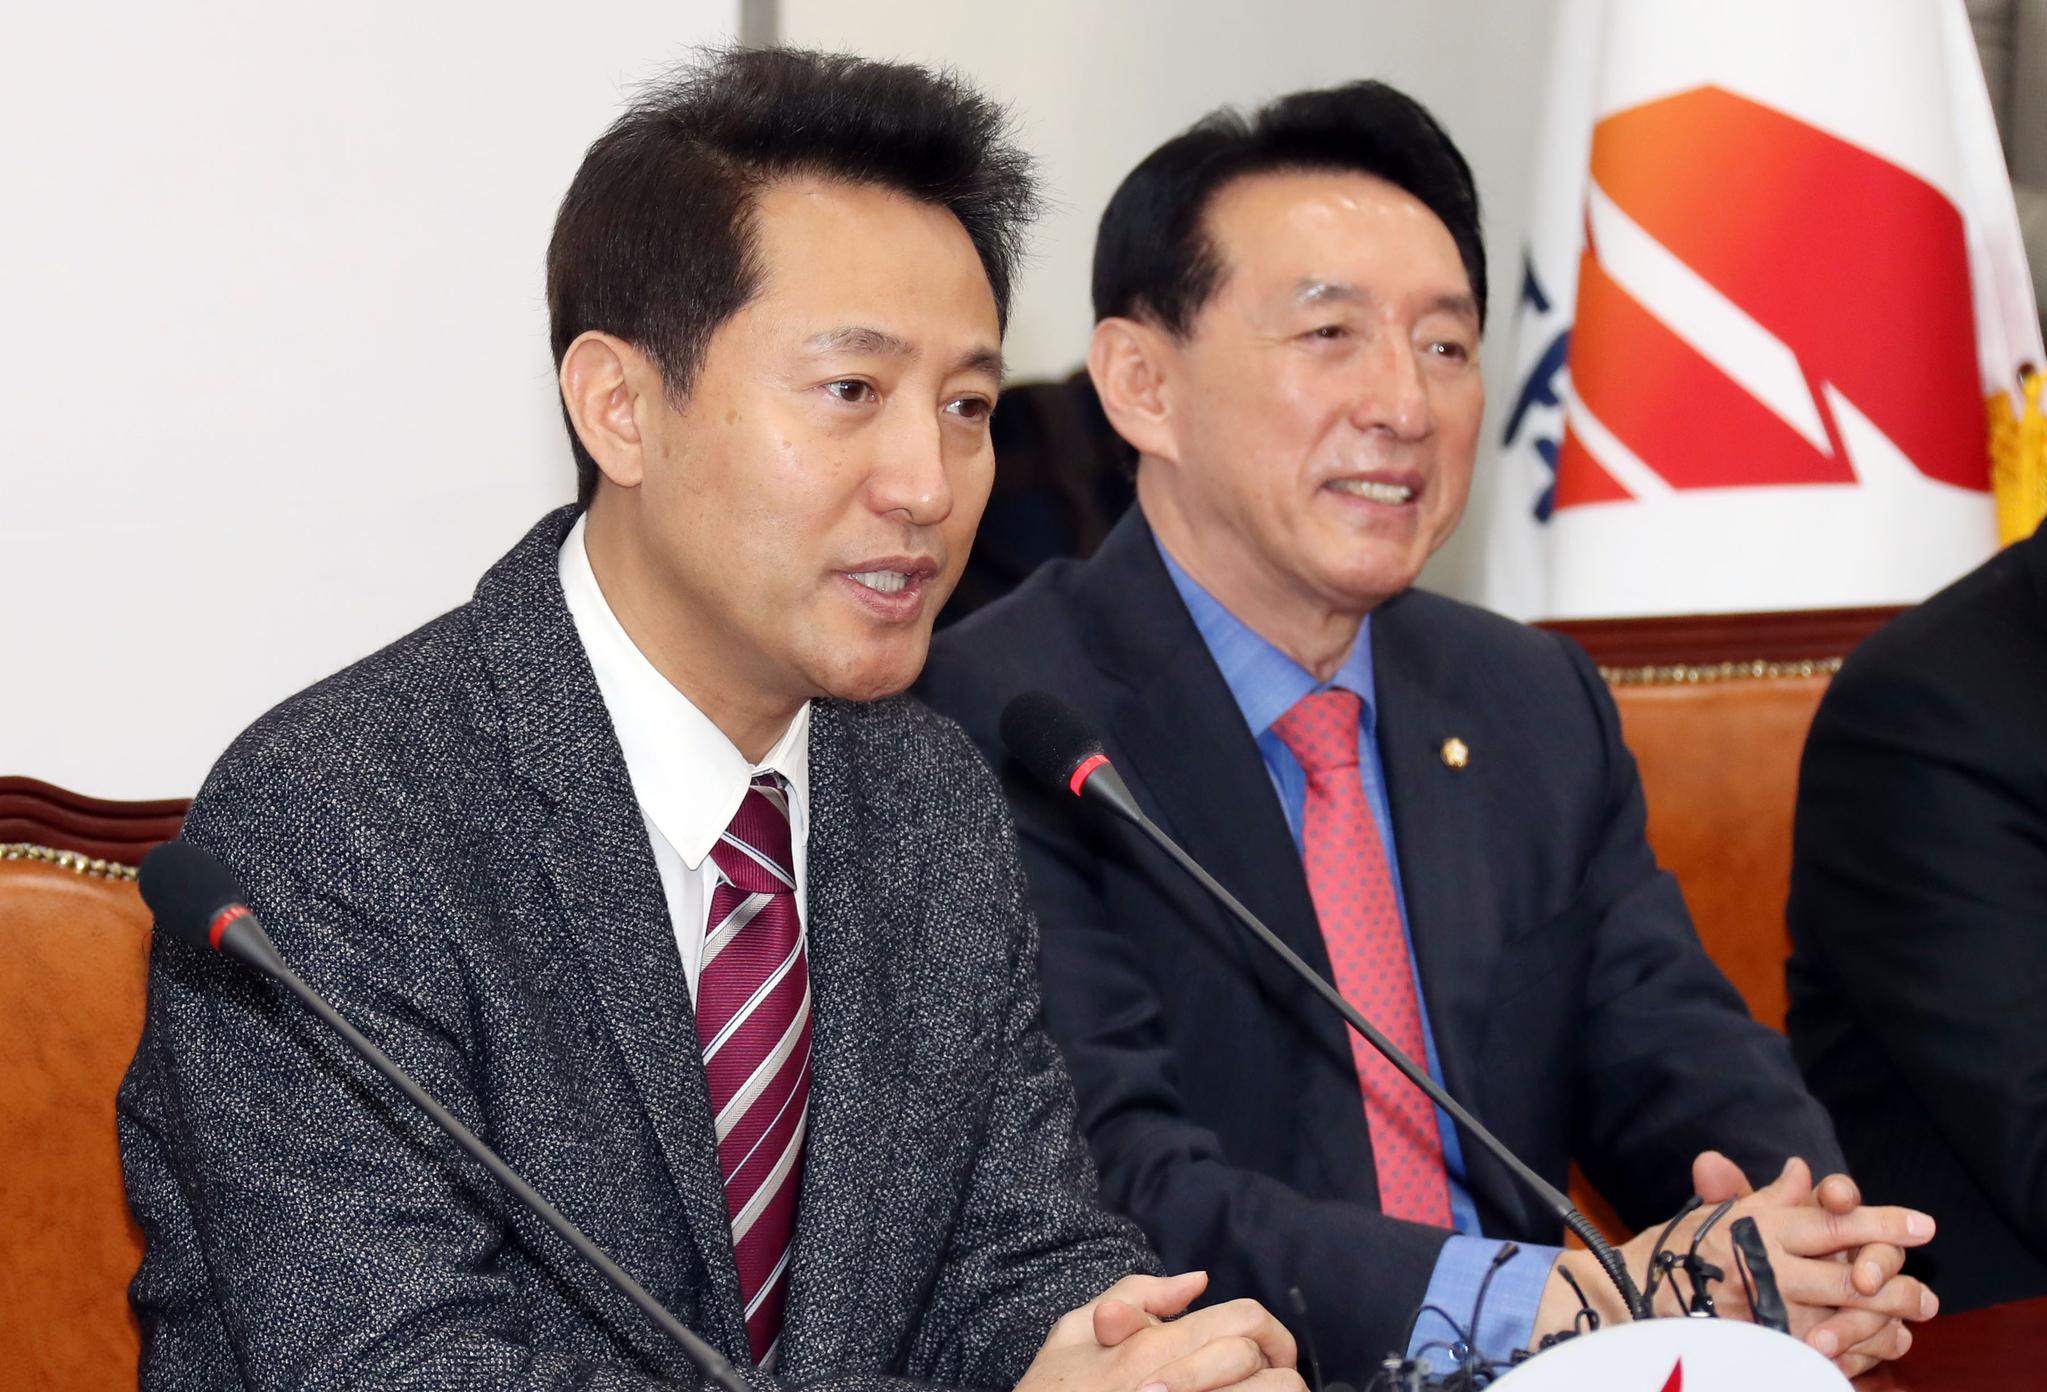 자유한국당 선관위 회의가 13일 오전 국회에서 열렸다. 오세훈 후보(왼쪽)가 인사말 하고 있다. 변선구 기자